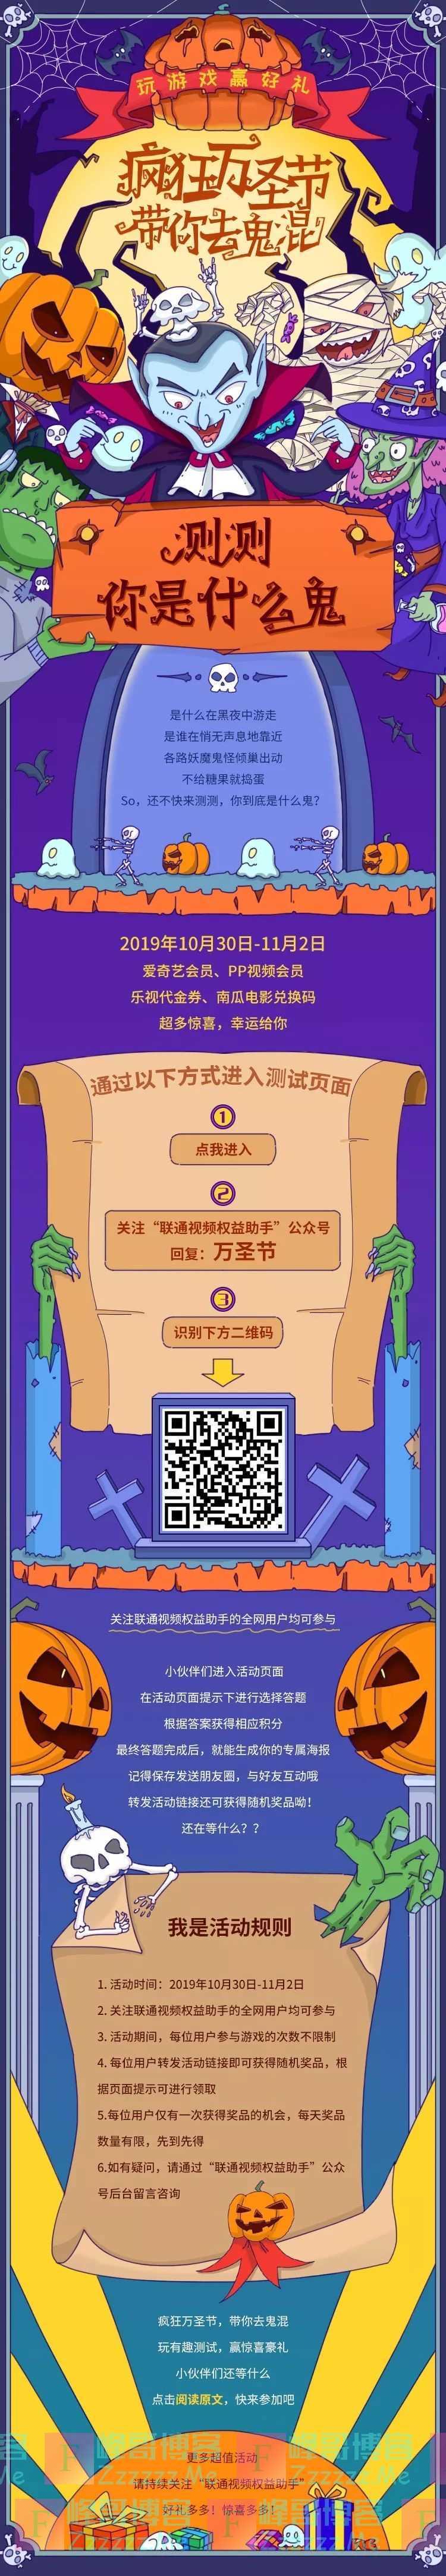 联通视频权益助手玩游戏赢好礼(11月2日截止)